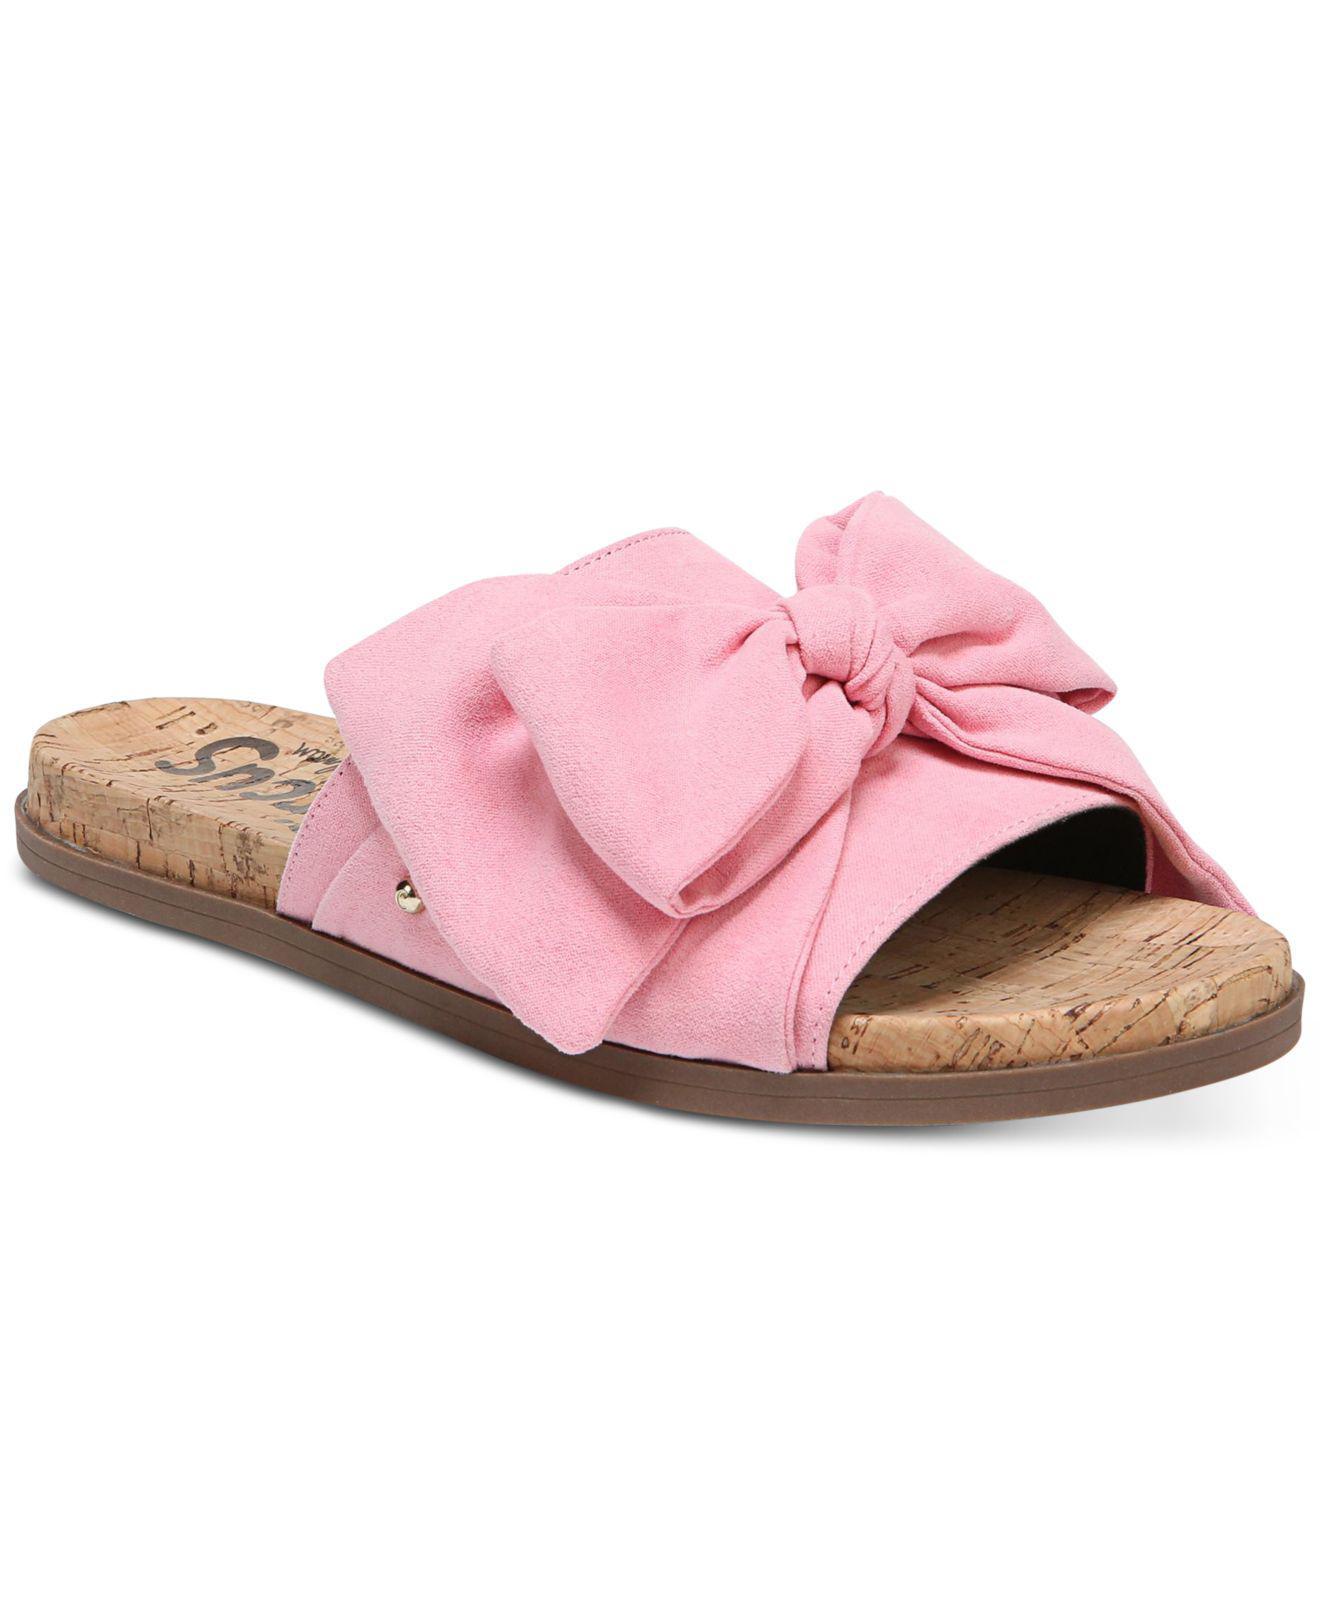 Sam Edelman Ninette Knotted Slide Sandals Women's Shoes o6PTP0